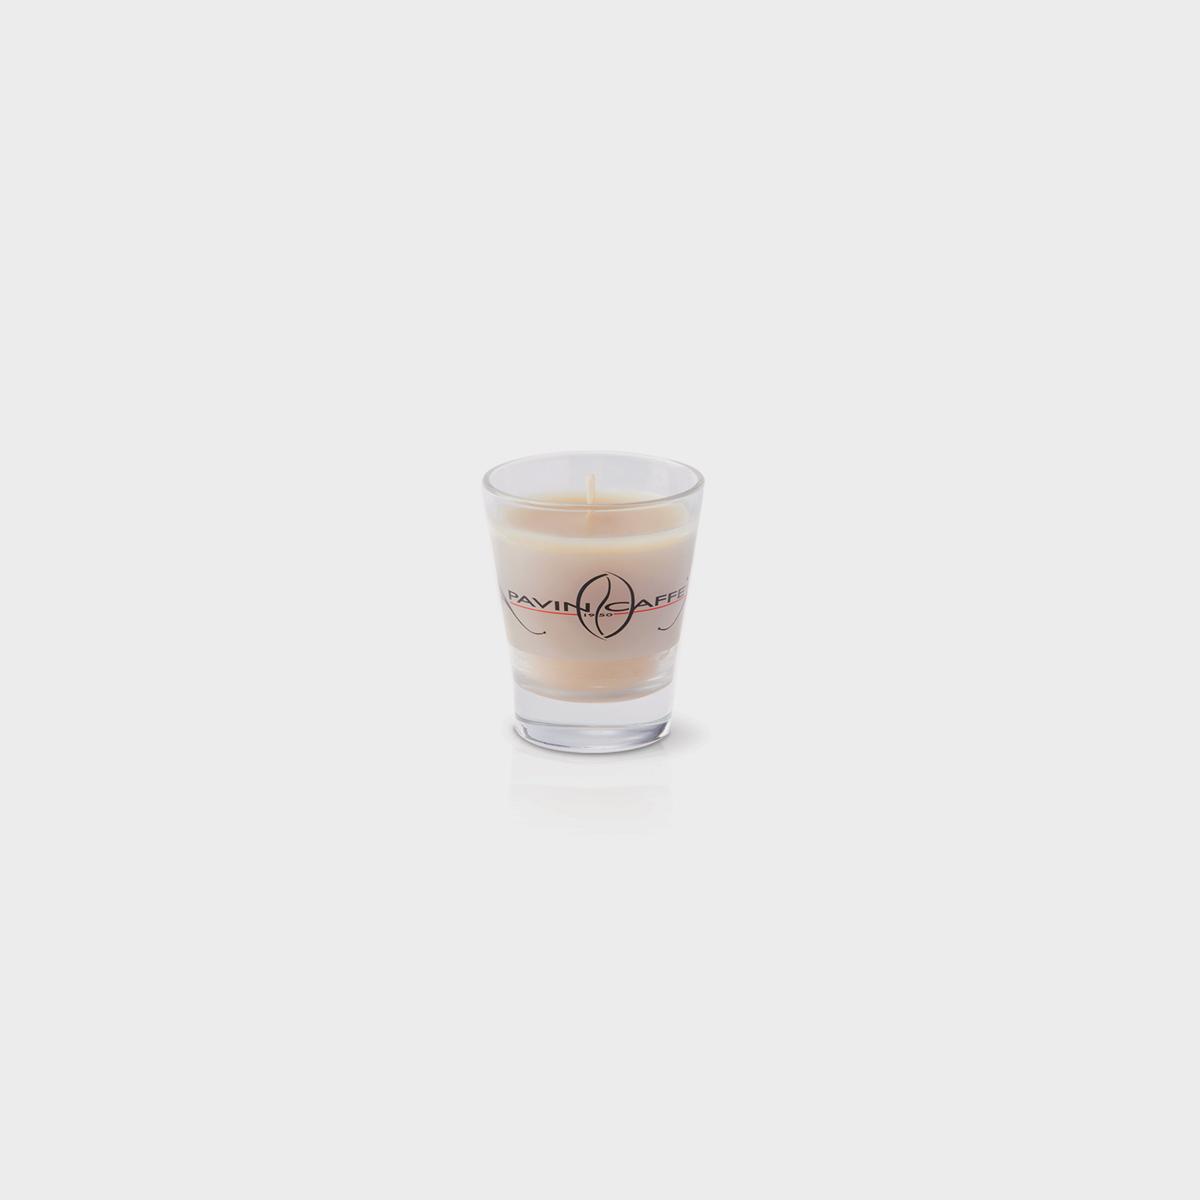 candela-pavin-caffe